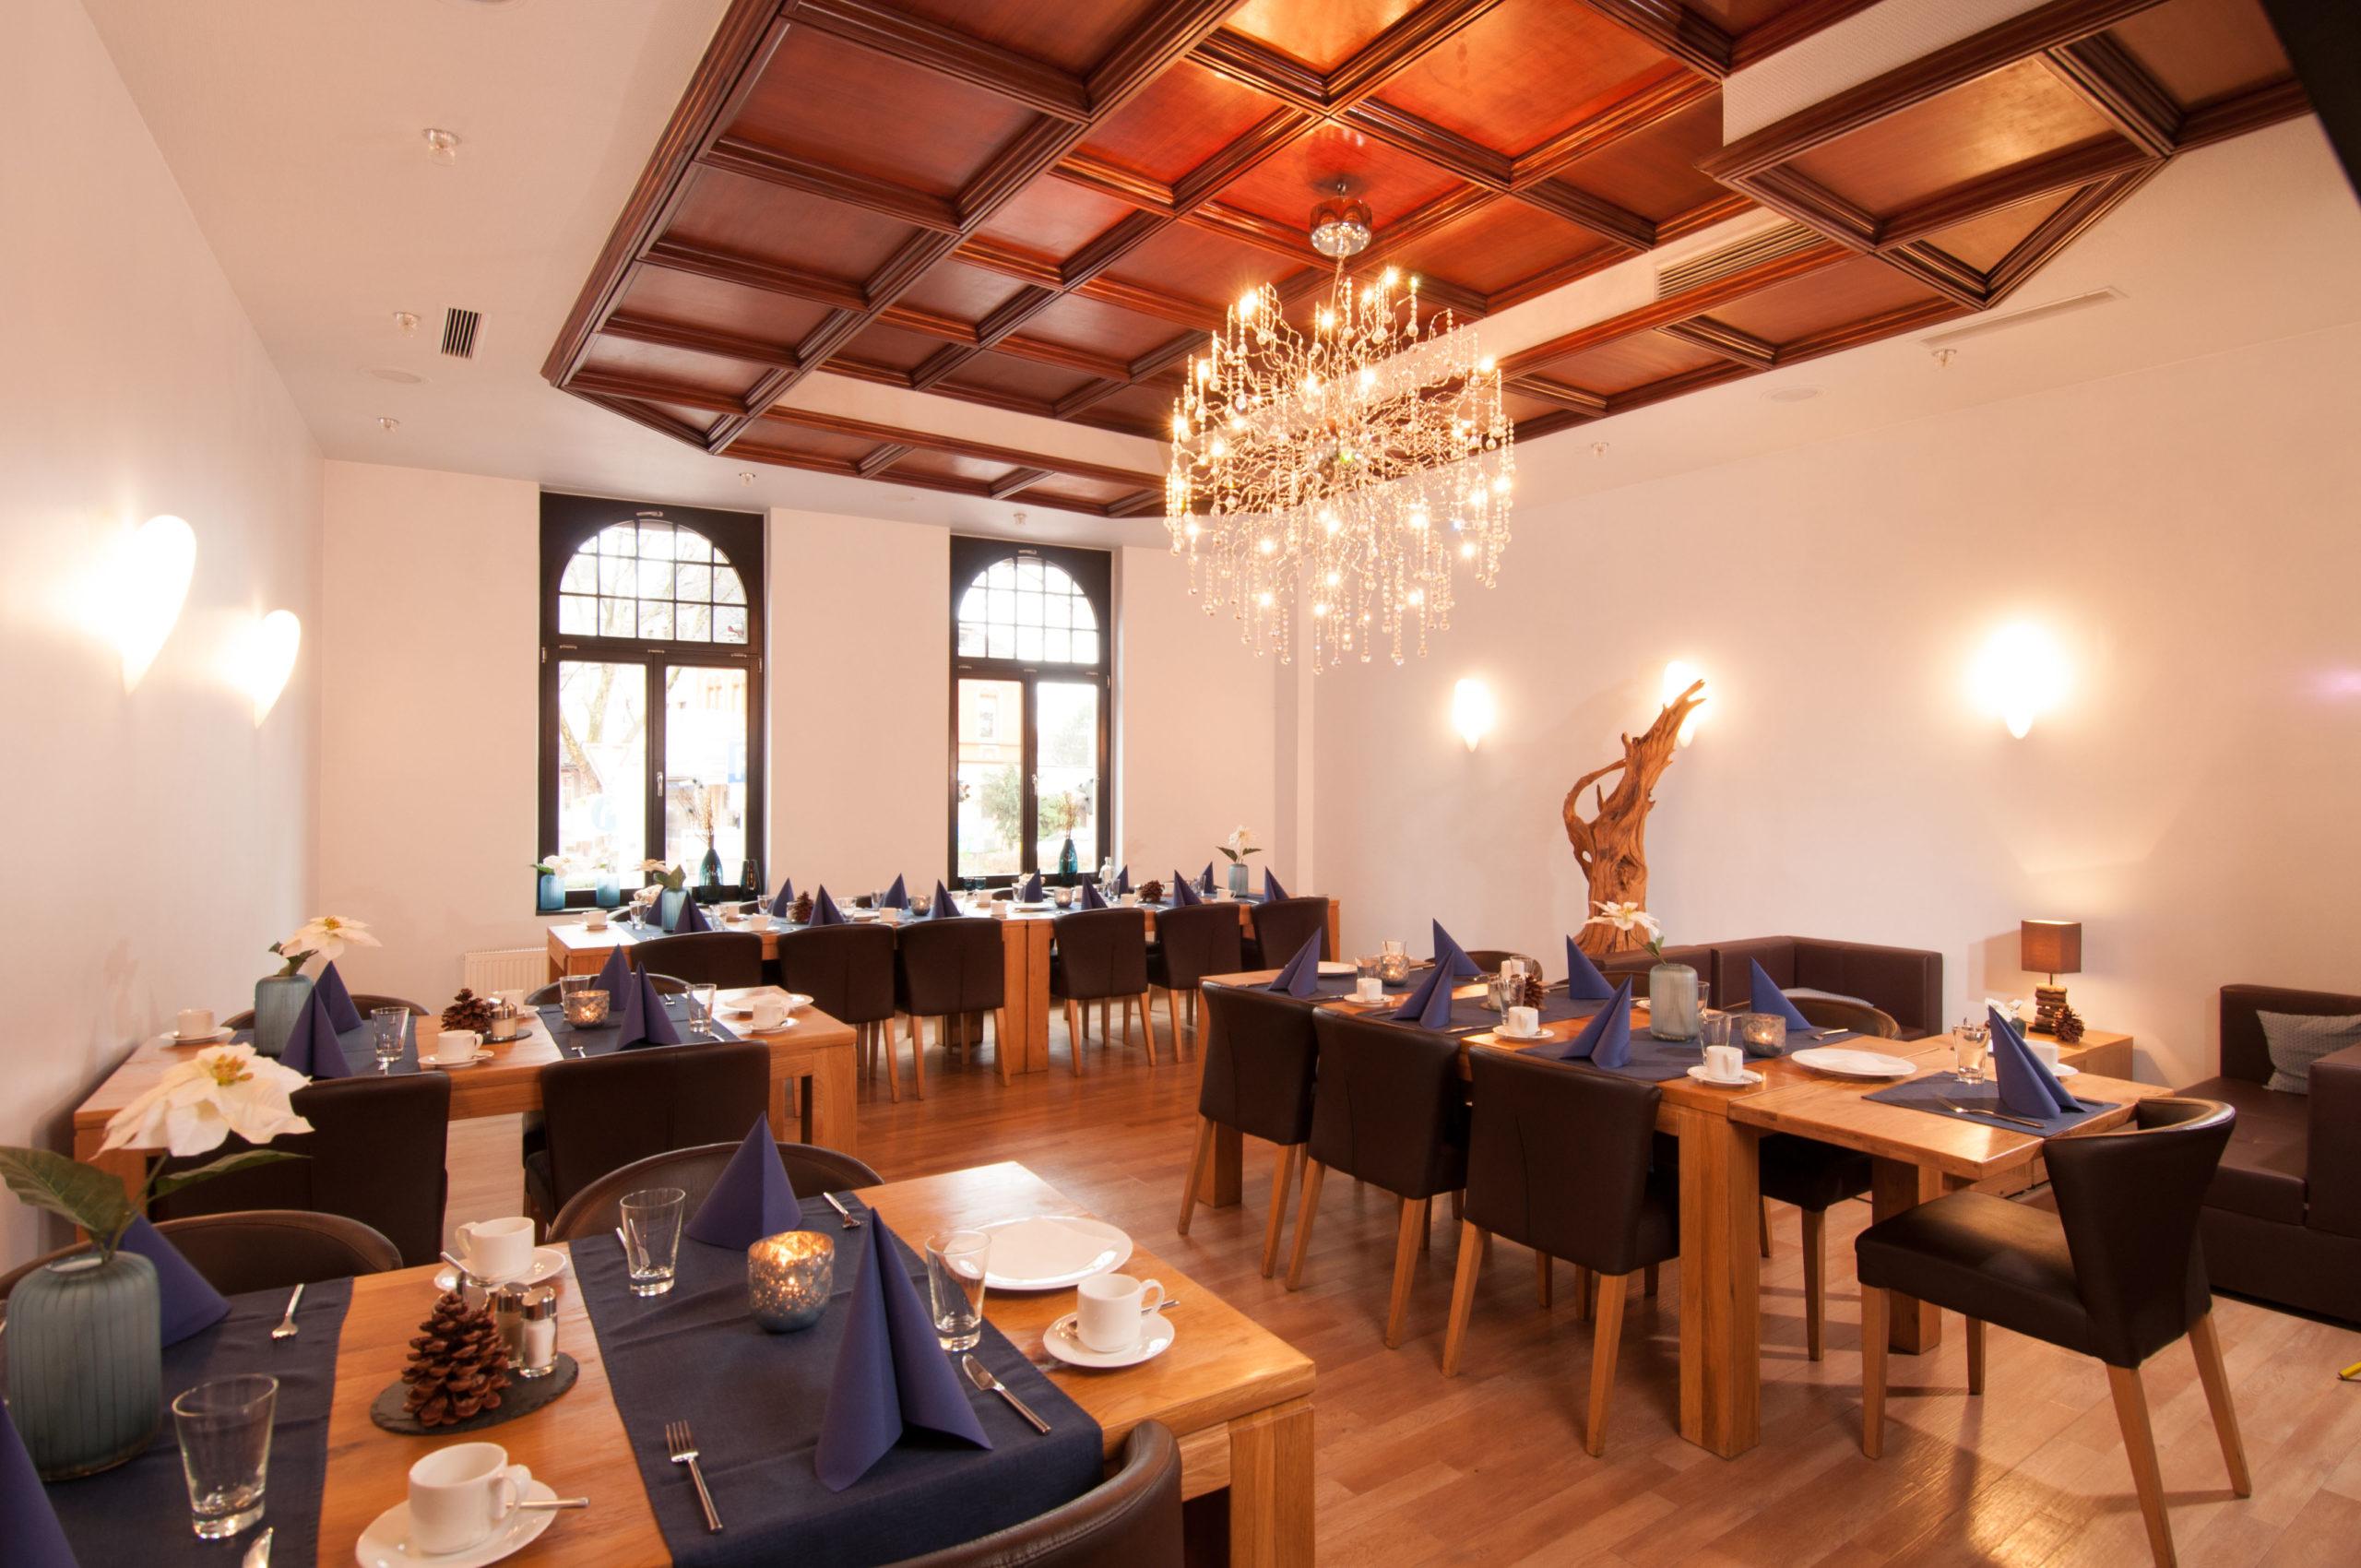 Der Frechener Hof ist ein 4-Sterne-Business Hotel am Rand von Köln